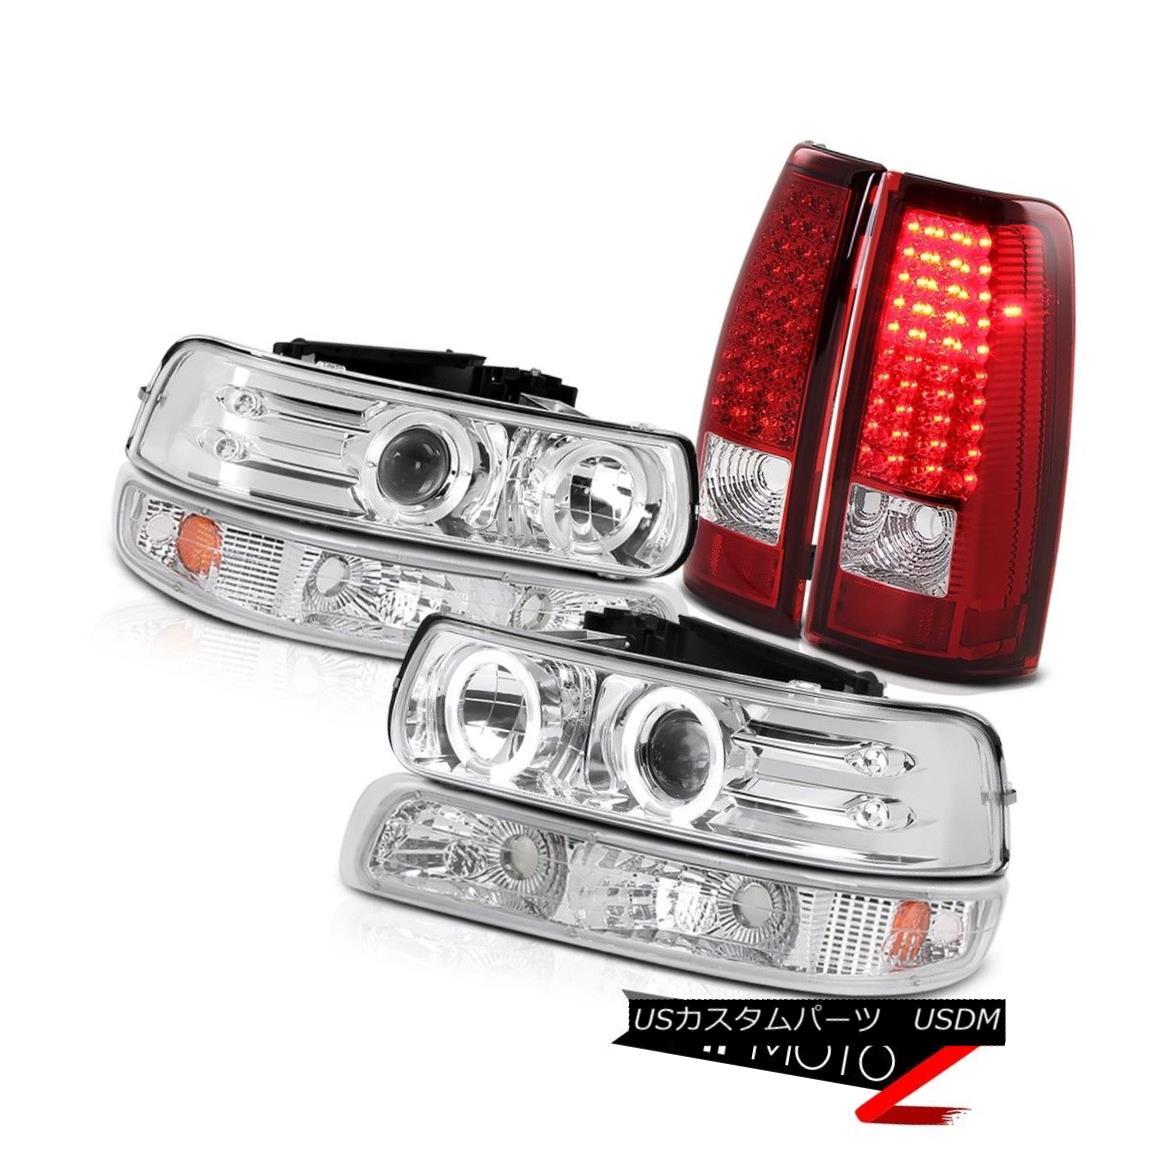 ヘッドライト L+R Halo Projector Headlight+Amber Parking Signal Lamp+RED/CLEAR LED Tail Light L + R Haloプロジェクターヘッドライト+ Ambe  r駐車信号ランプ+ RED / CLEAR LEDテールライト